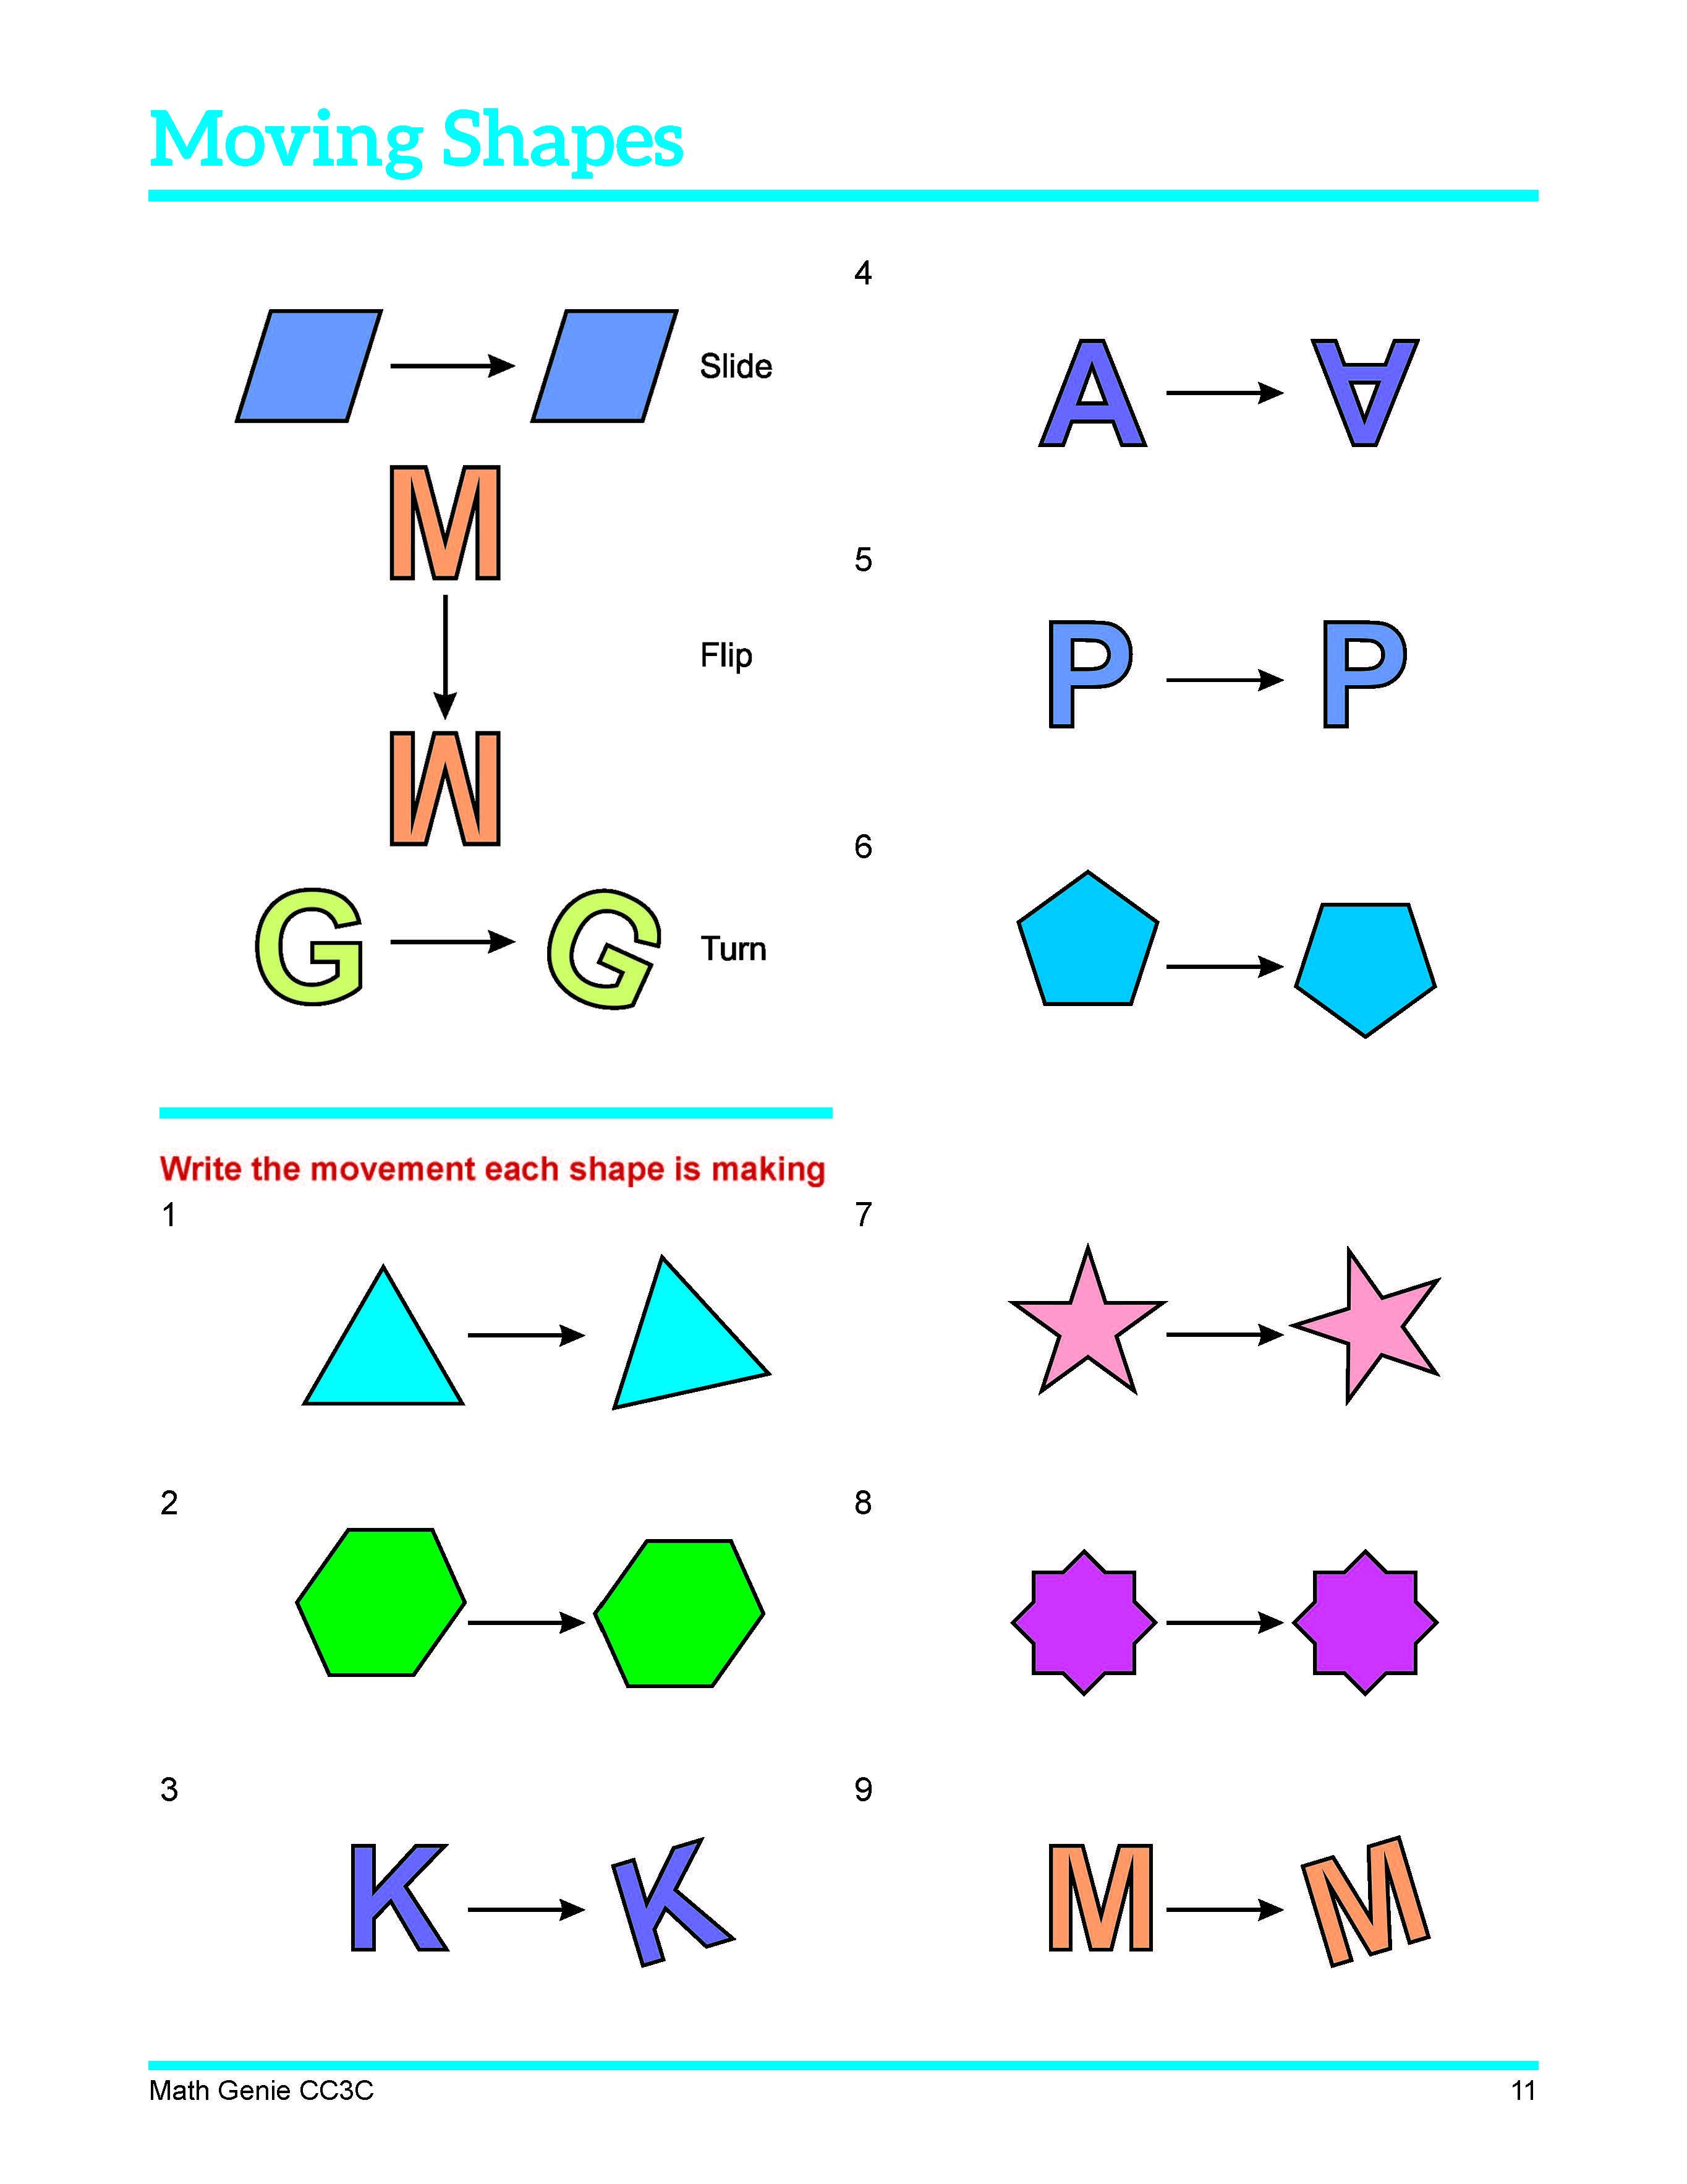 Grade-3-Moving-Shapes.jpg